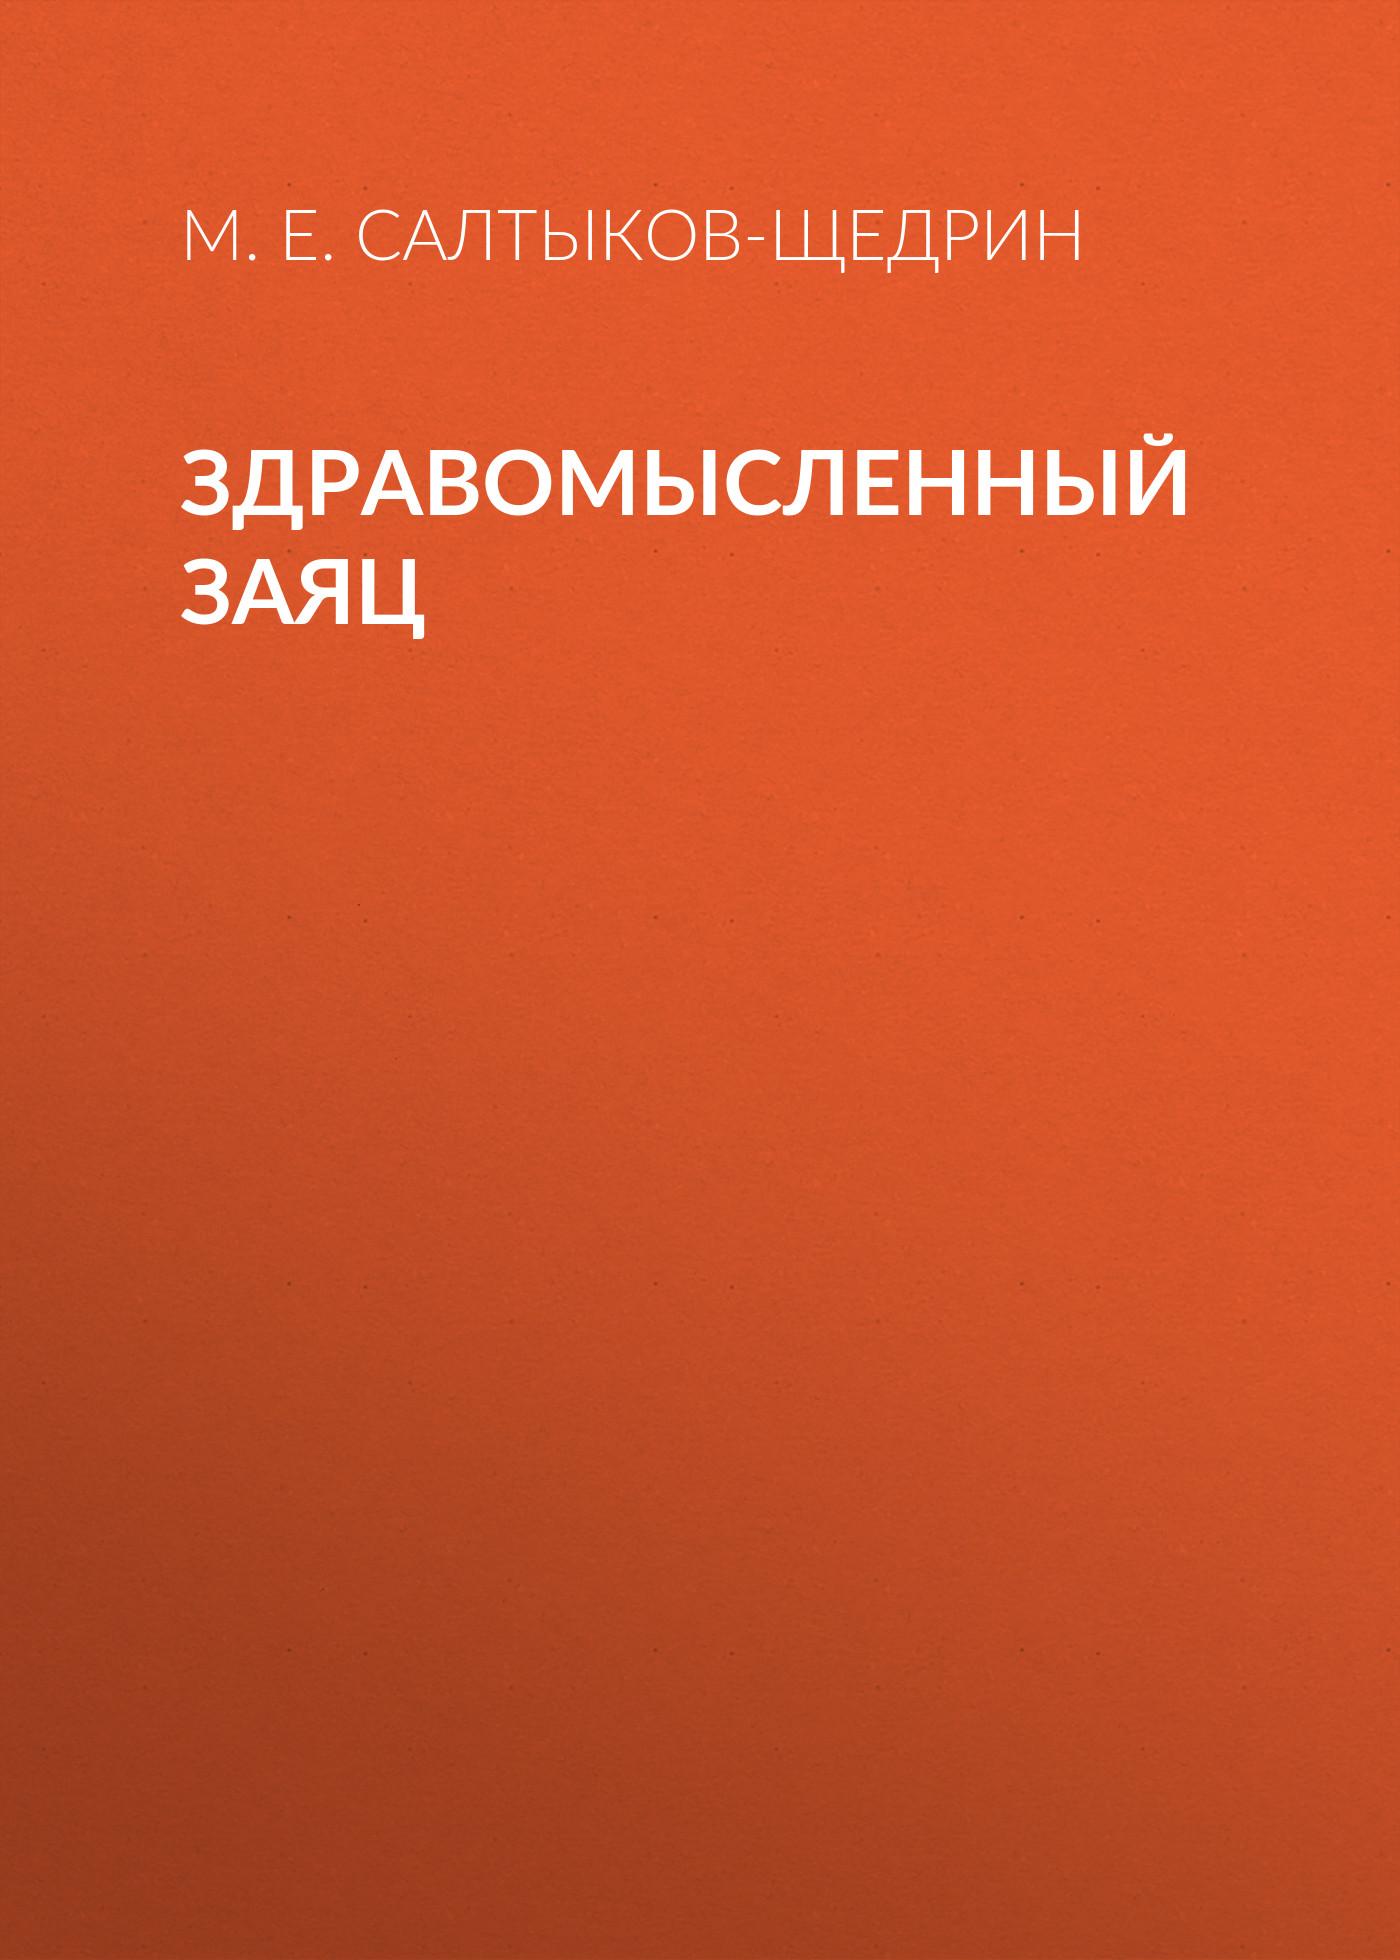 Михаил Салтыков-Щедрин Здравомысленный заяц михаил салтыков щедрин смерть пазухина спектакль